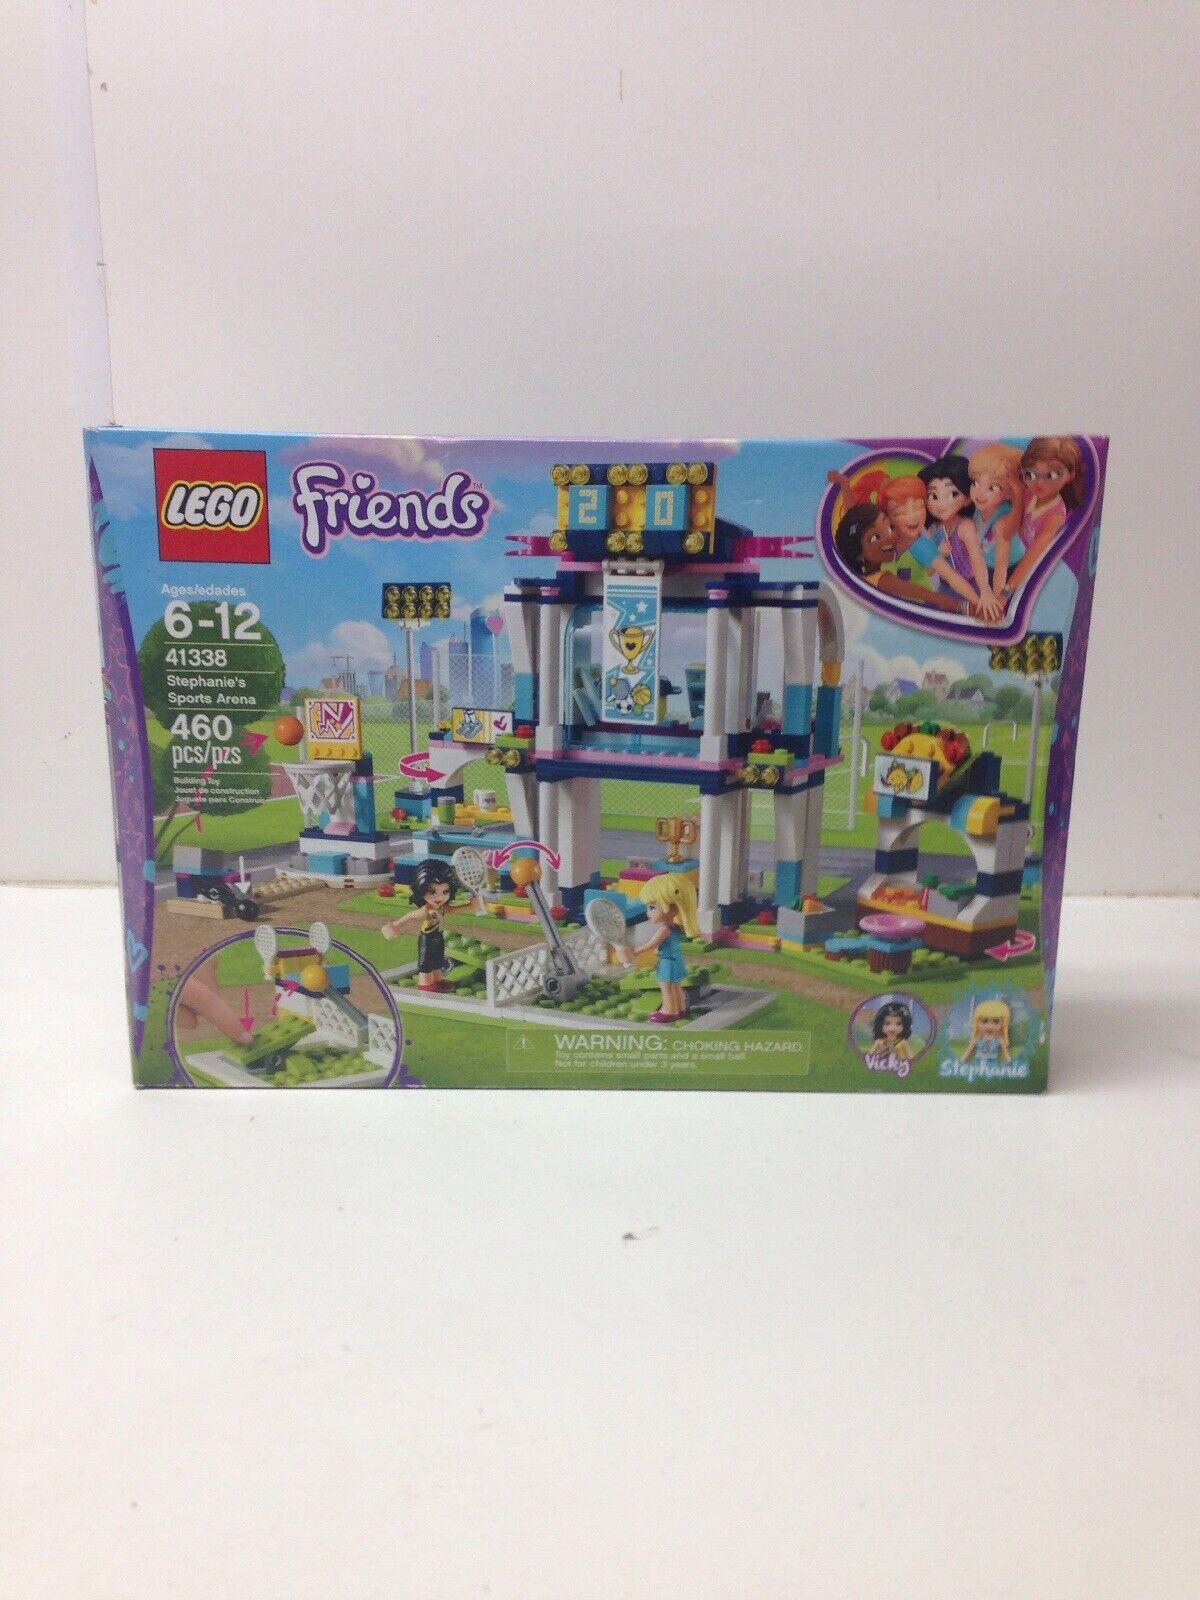 Lego Friends Stephanie's Sports Arena  41338 - 460 piezas (NIB)